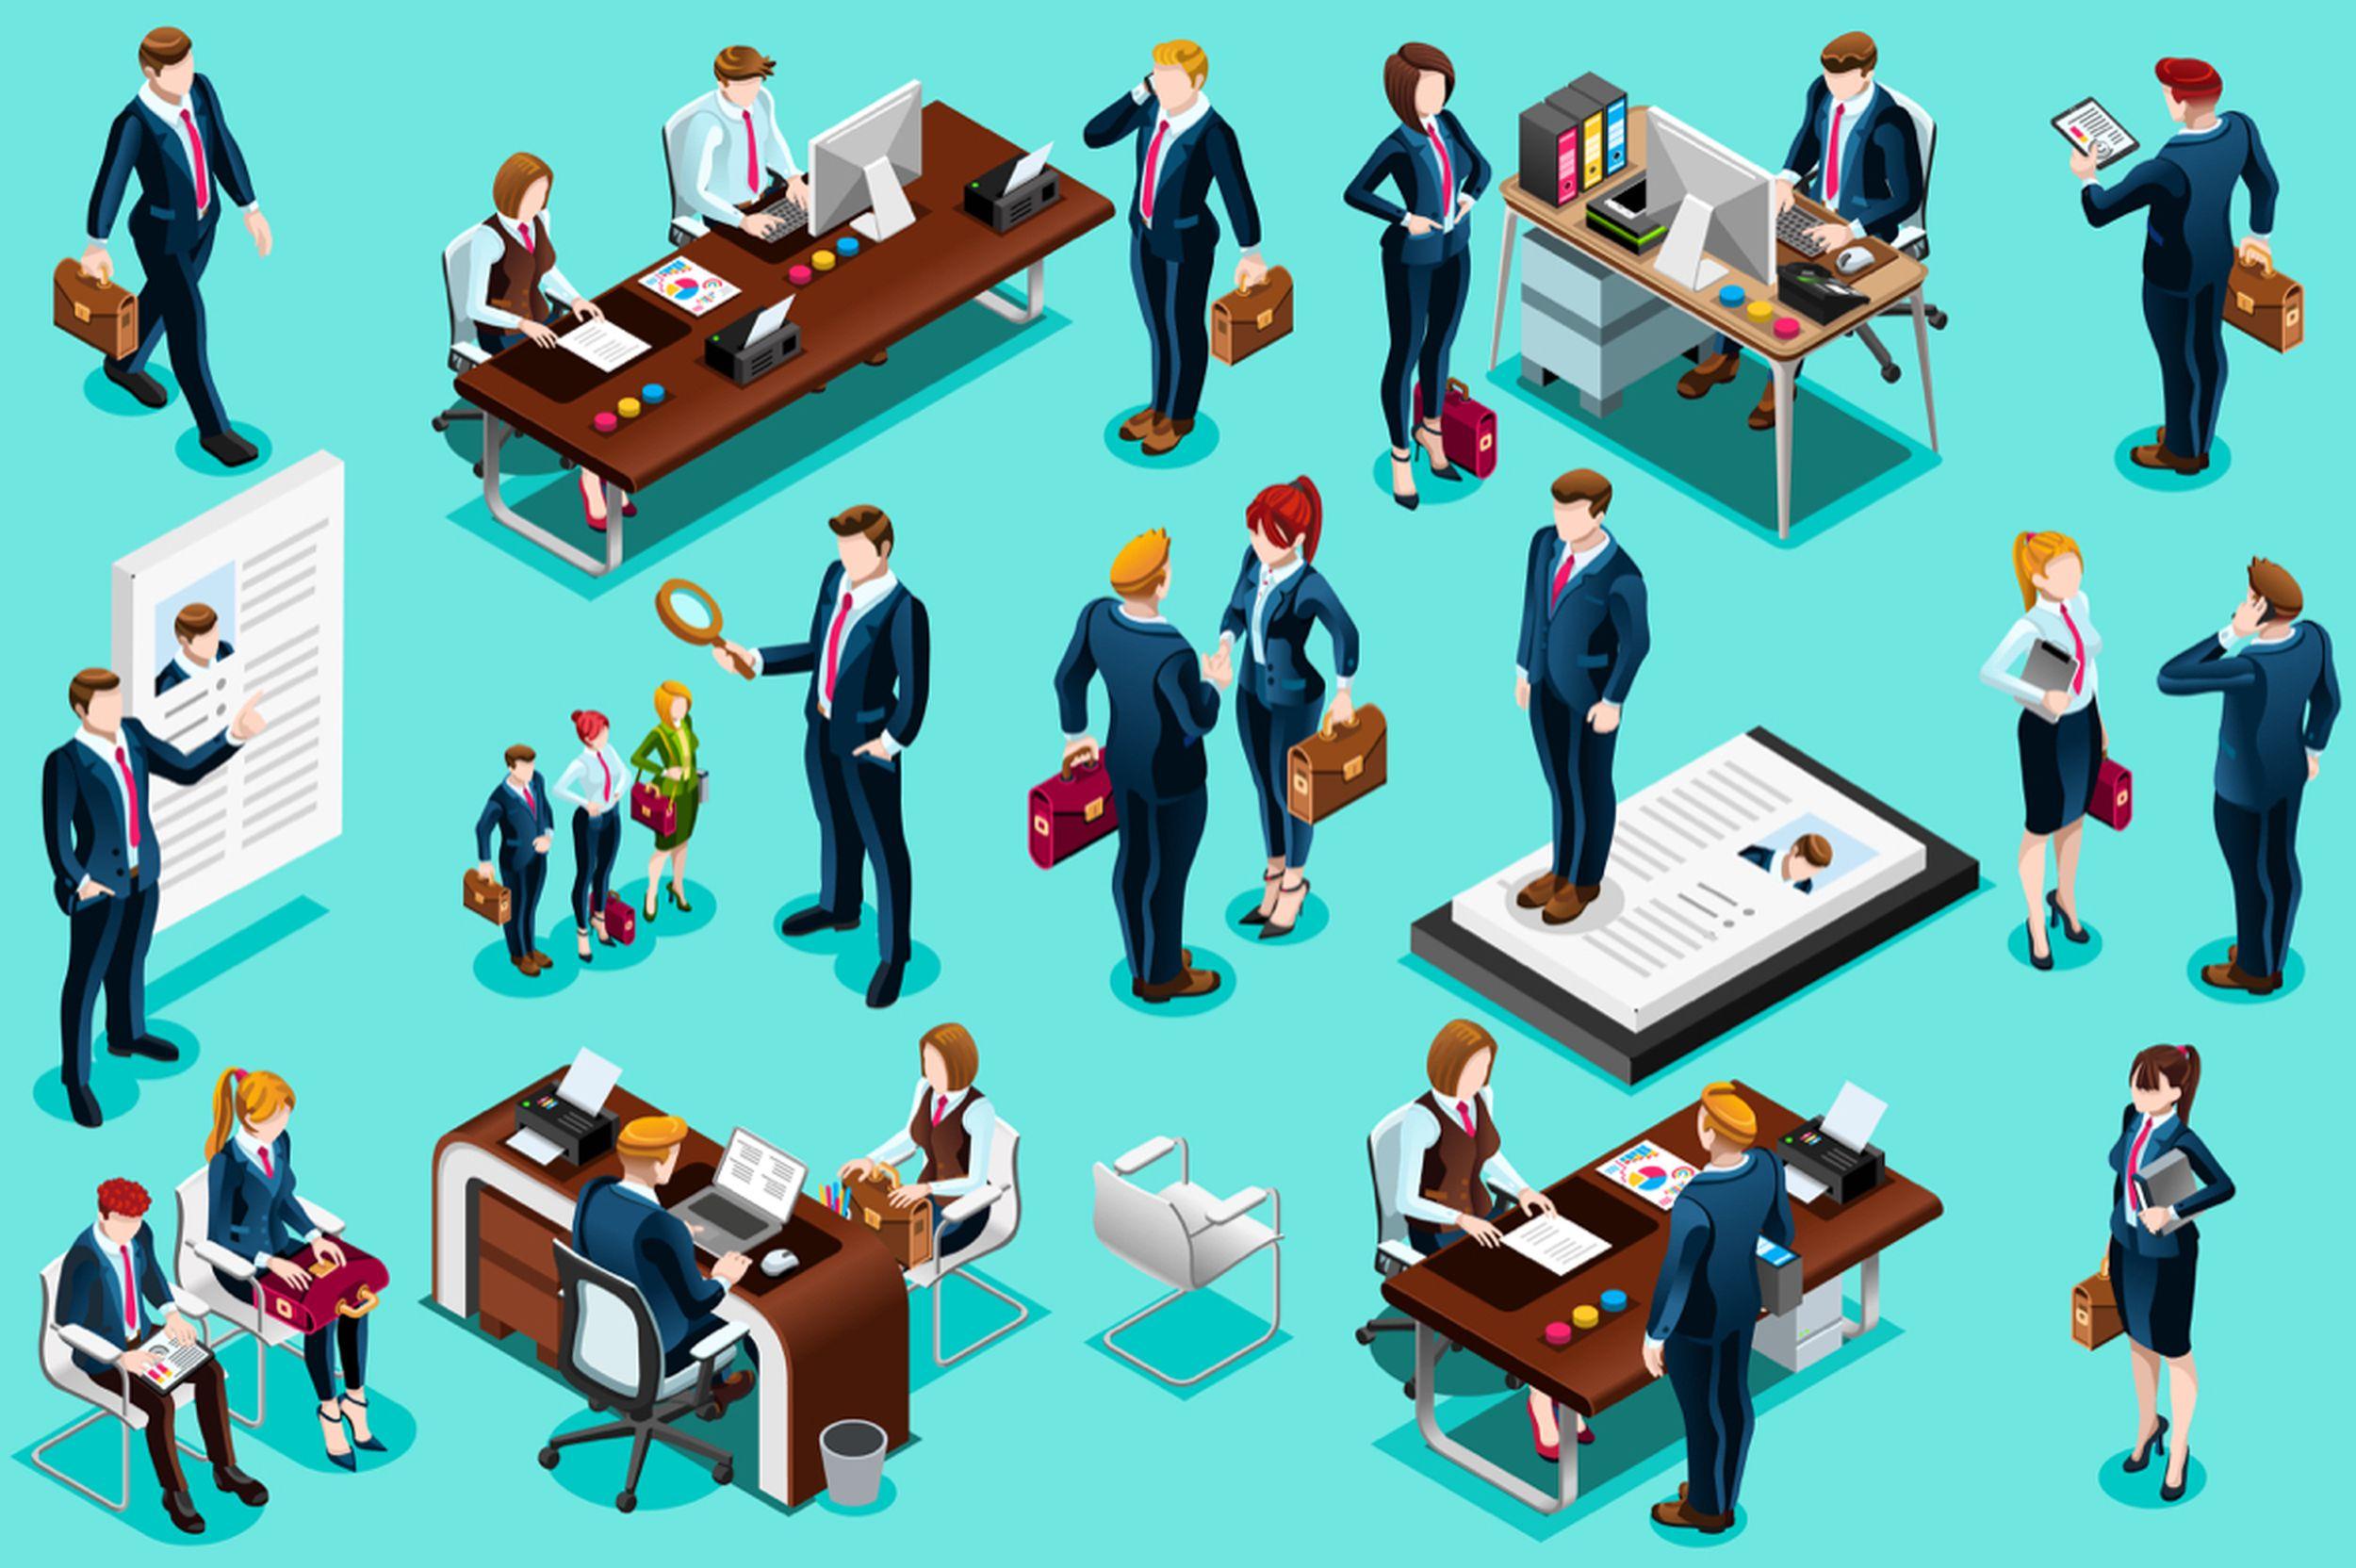 Wynagrodzenie na stanowisku rekrutera uzależnione jest od wielu czynników, m.in. wielkości firmy, obszaru odpowiedzialności, stawianych celów i systemu premiowego. (Fot. Shutterstock)